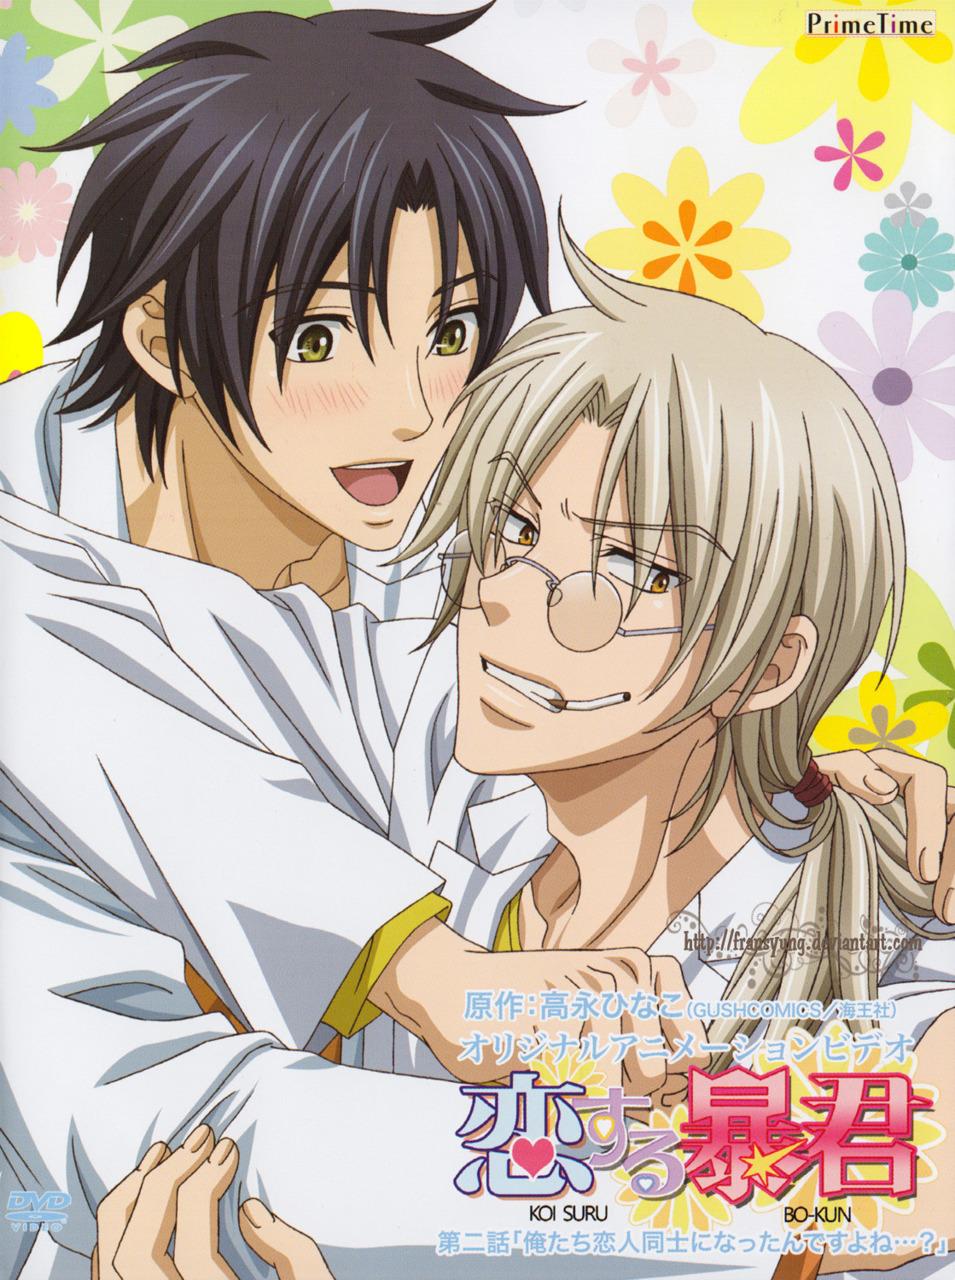 >Koisuru Boukun OVA ตอนที่ 1-2 ซับไทย